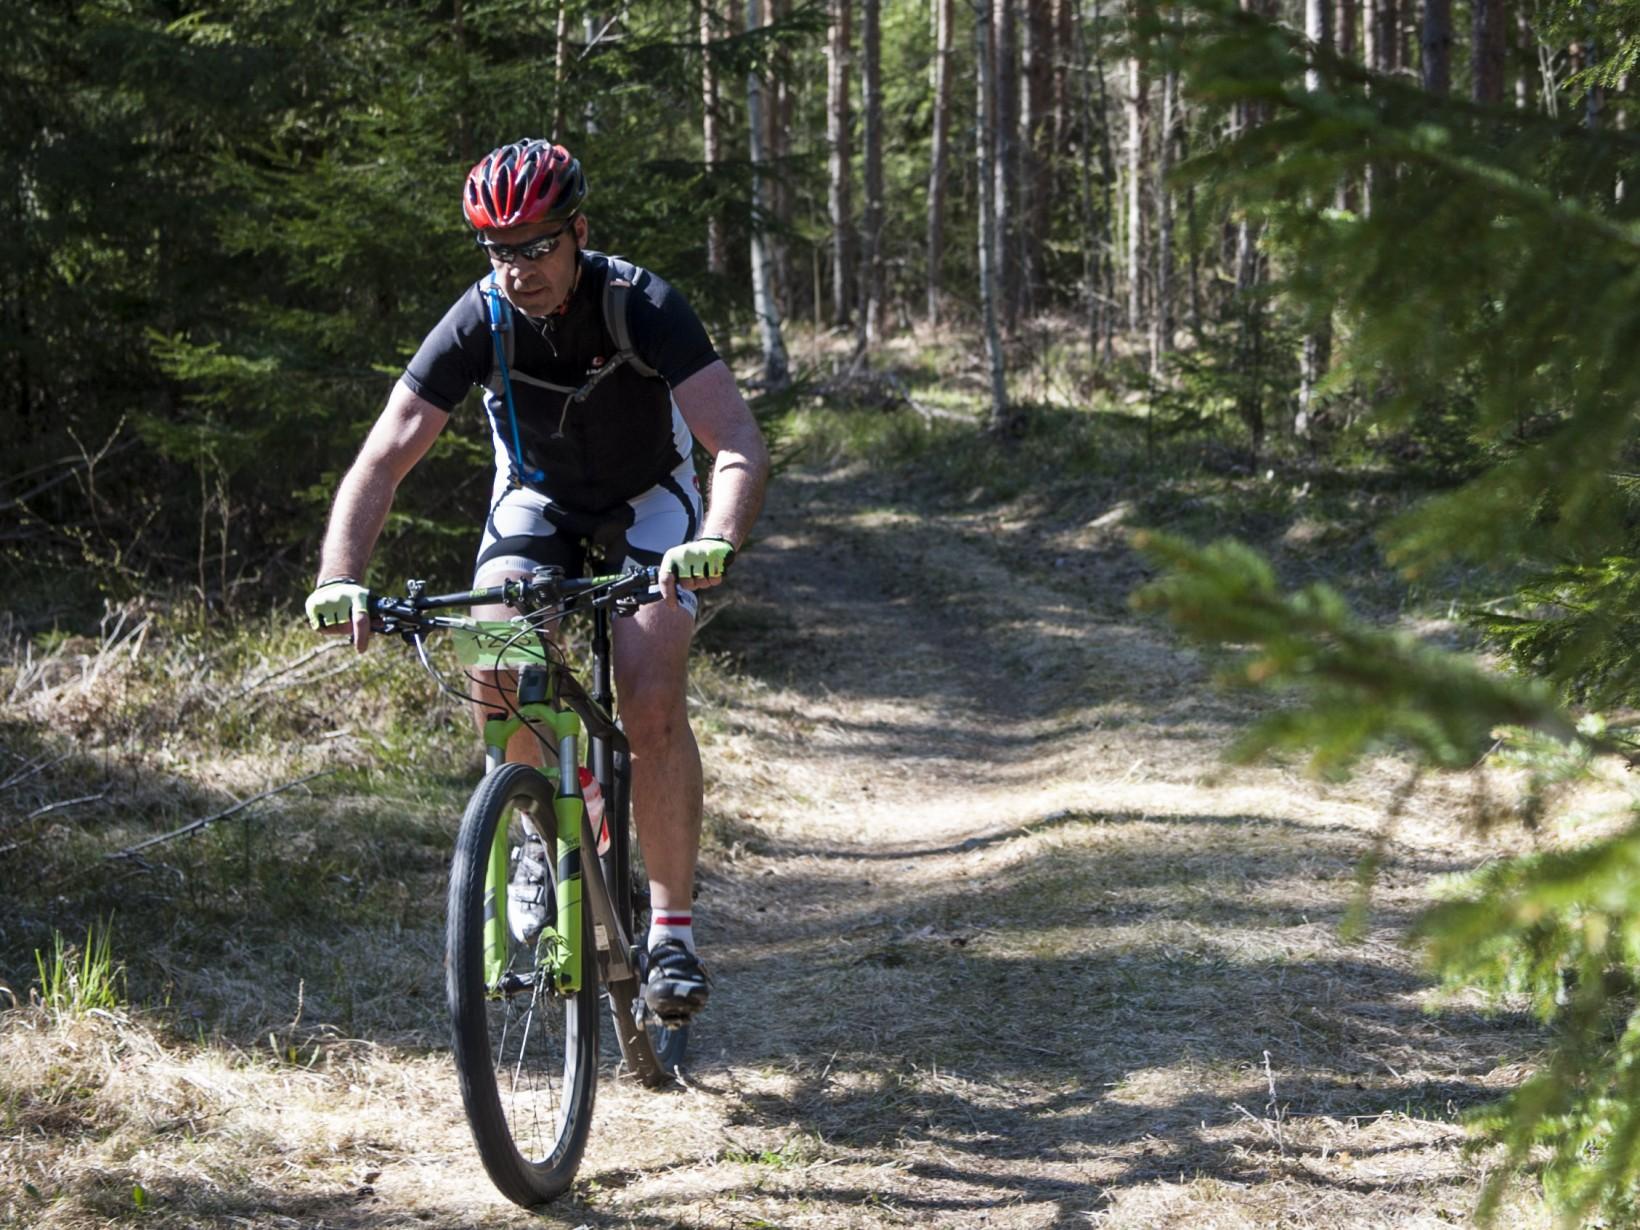 Jesper_Andersson__JAN7363_www.jeppman.com